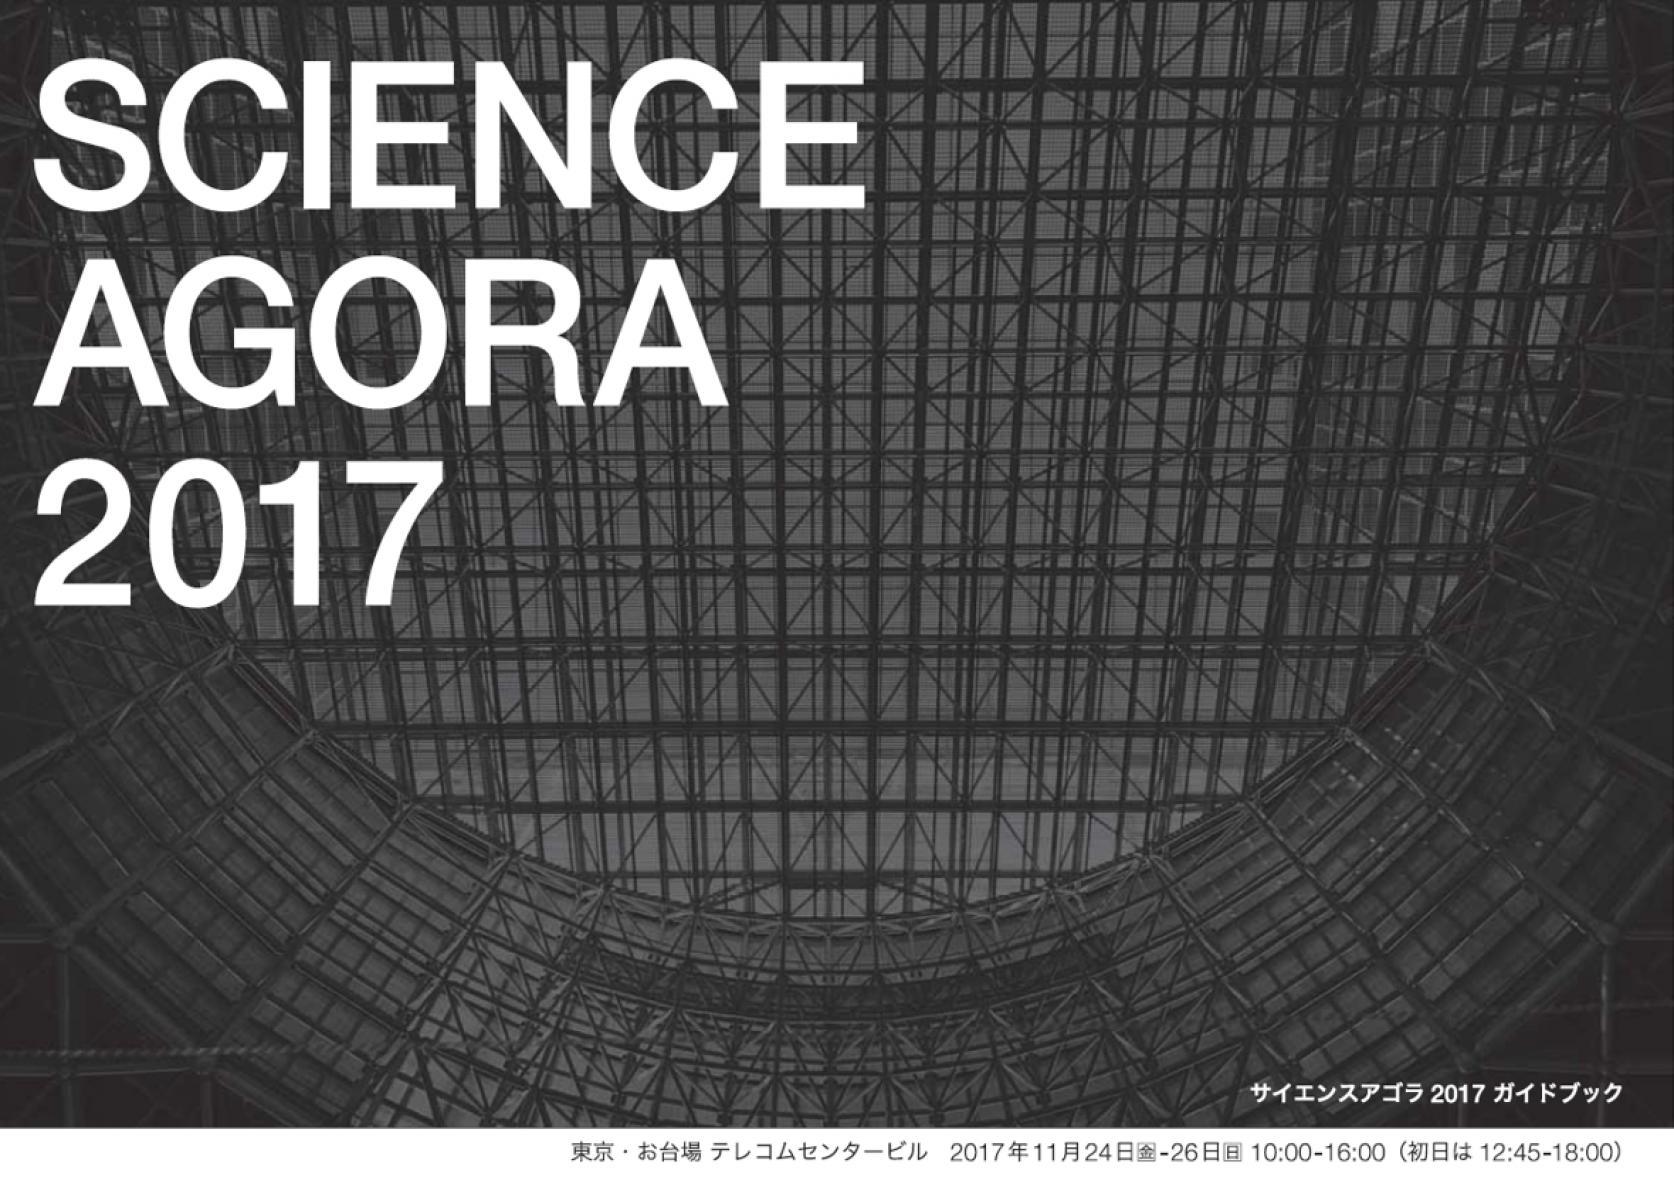 サイエンスアゴラ2017:11月25日(土).26日(日)にプログラム「カードゲーム+化学 → ∞(無限大)!?」で出展します。